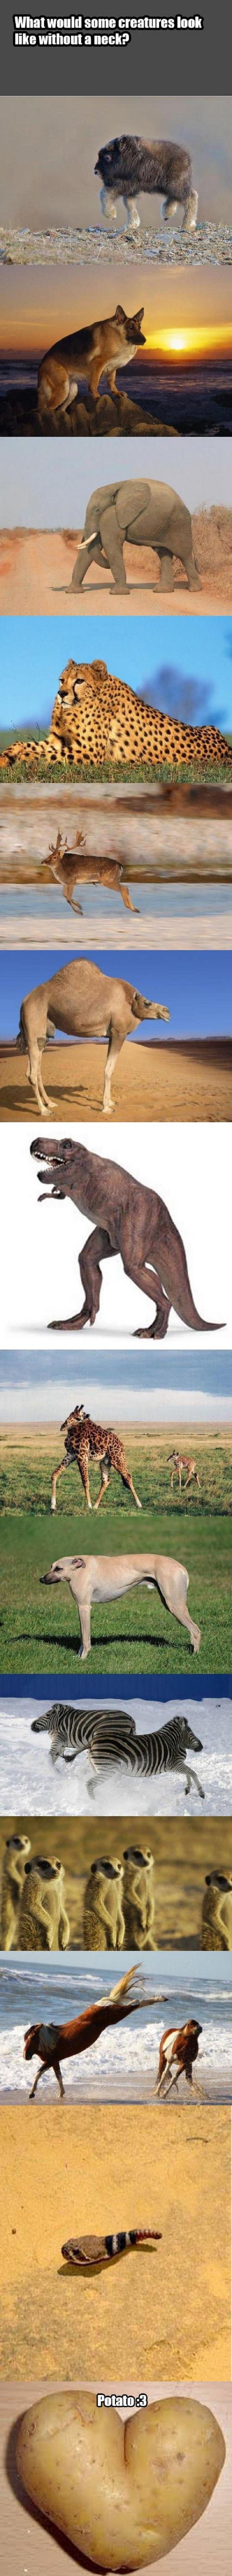 Image of: Necks Meme Funnyjunk Animals Without Necks